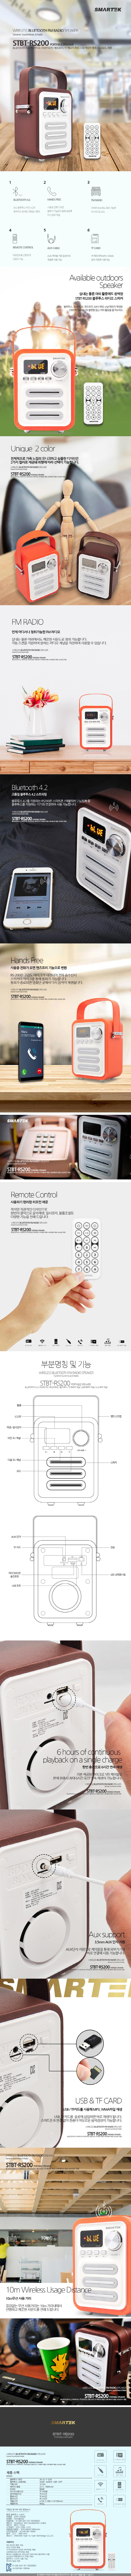 휴대용 라디오 겸용 블루투스 스피커 RS200 - 에이핀, 39,000원, 스피커, 무드등/블루투스 스피커